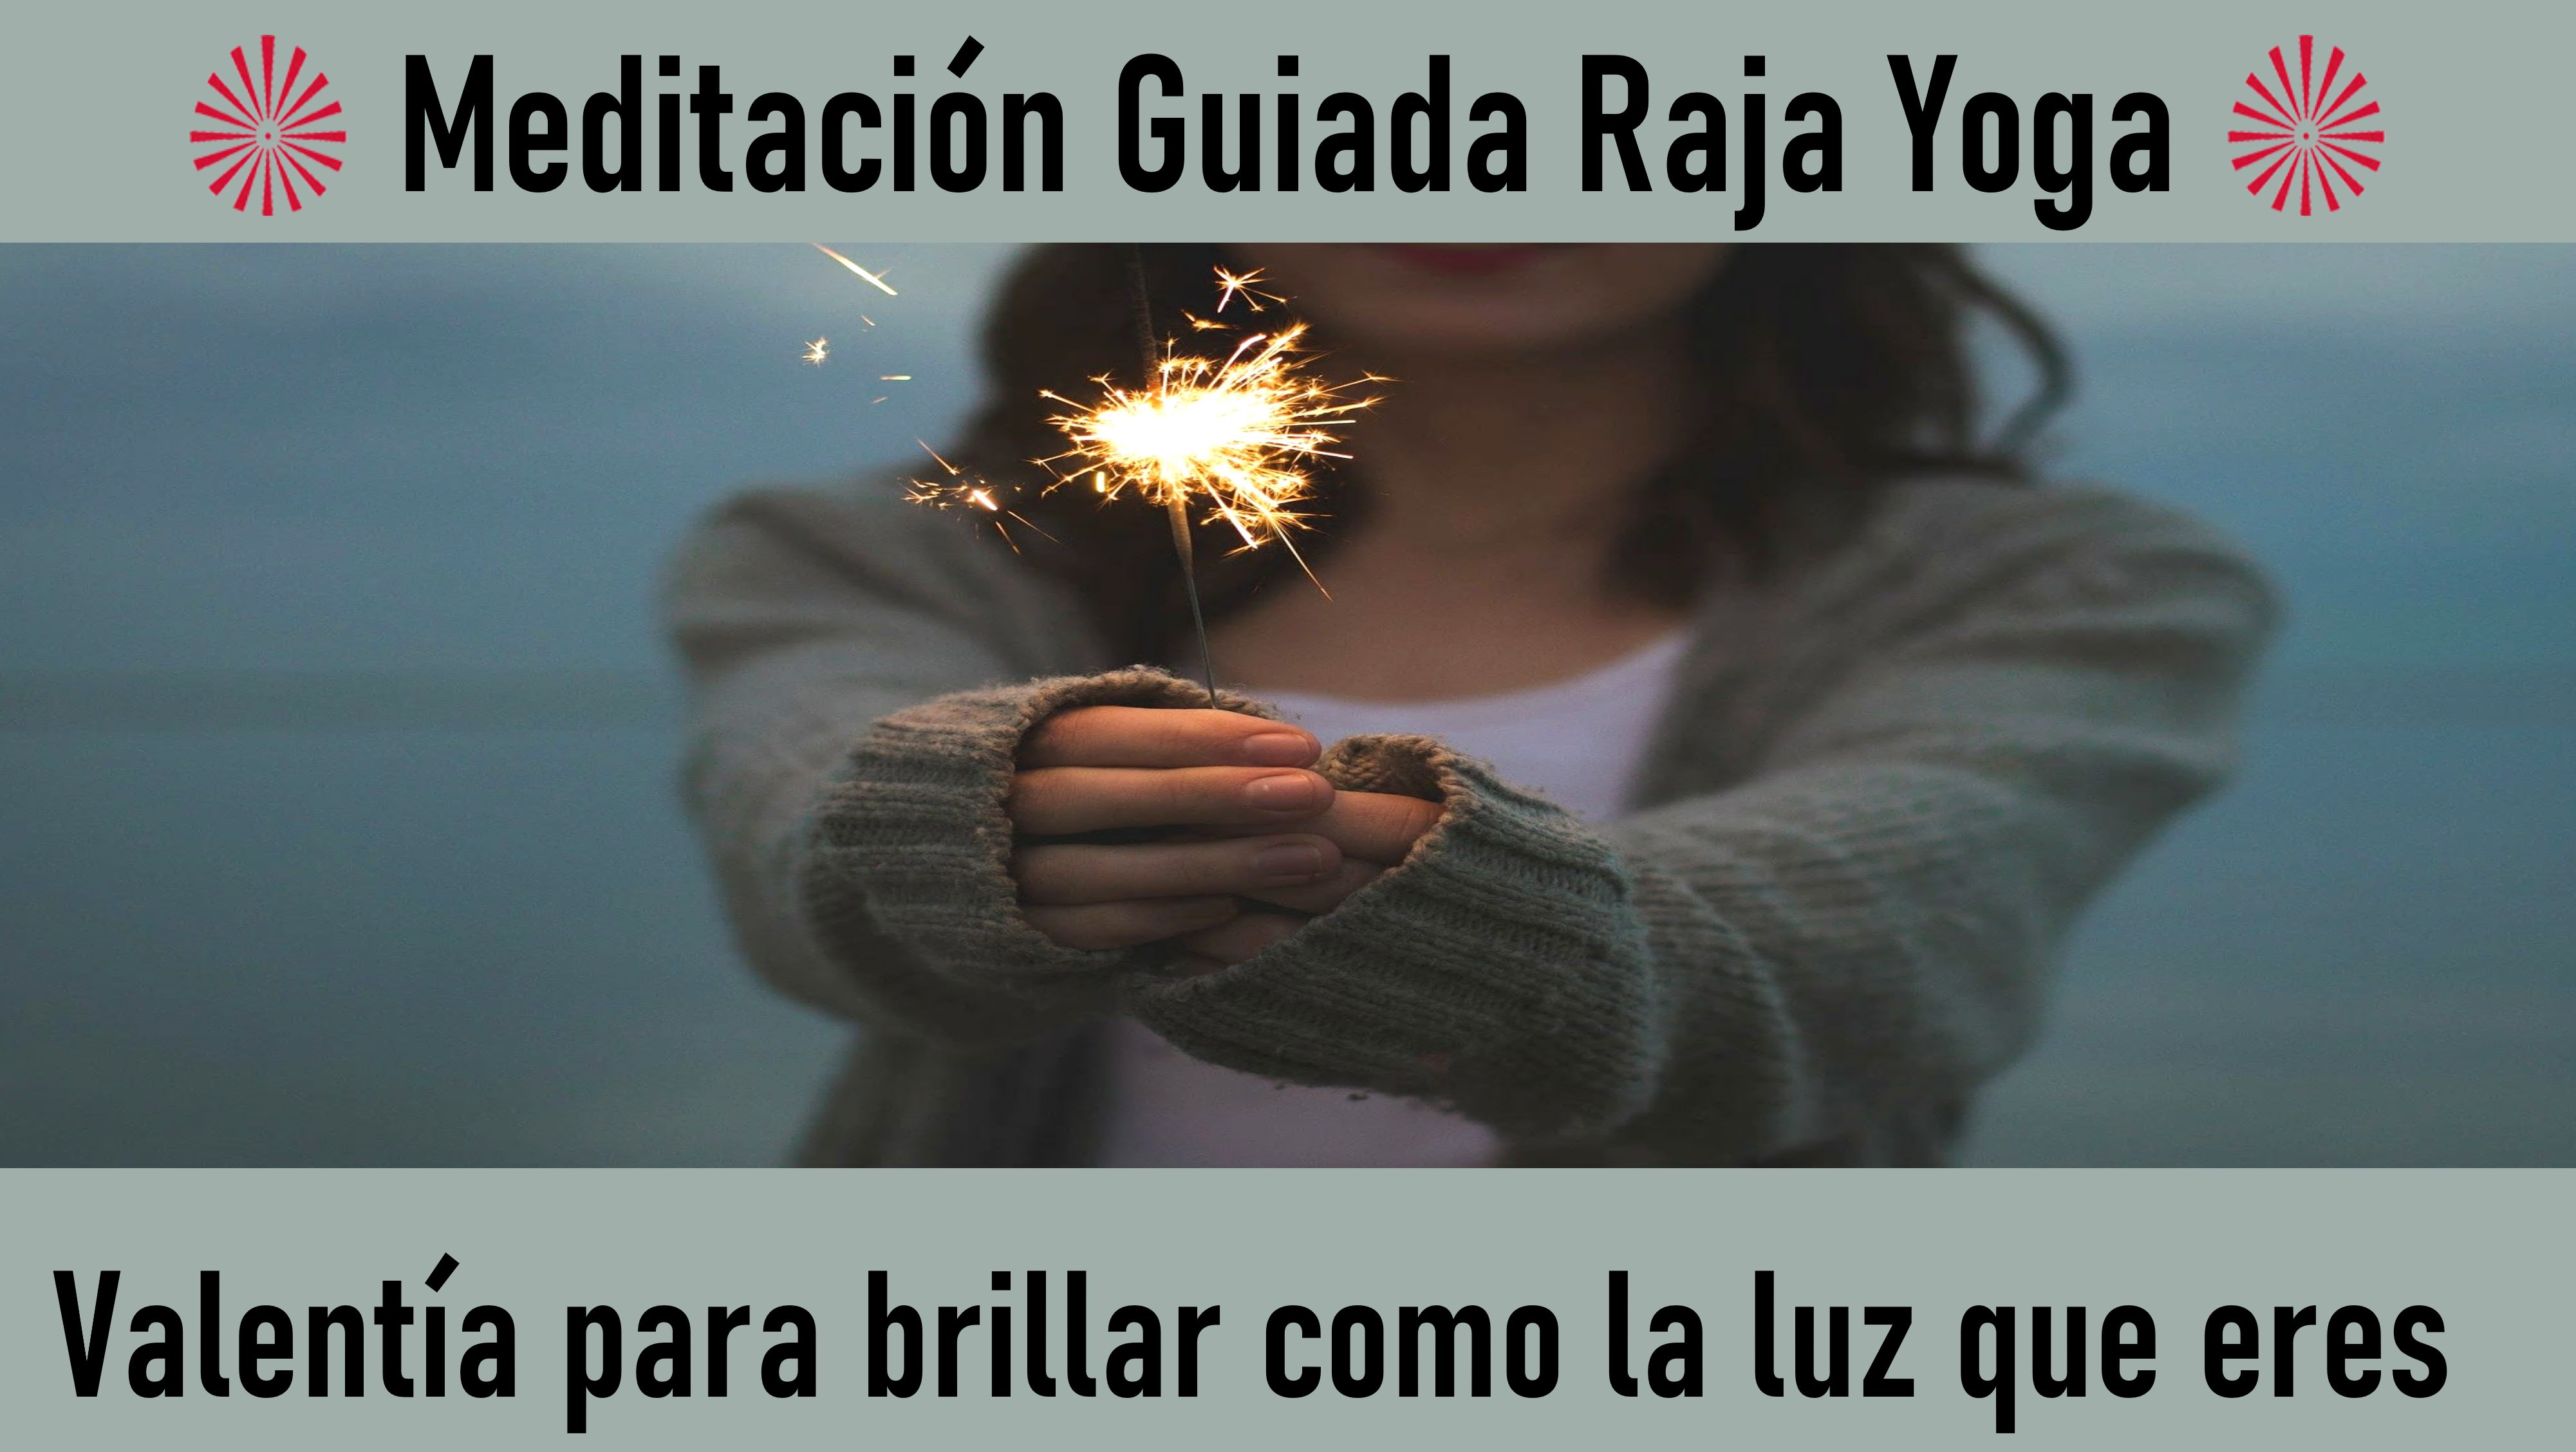 11 Mayo 2020  Meditación Guiada: Valentía para brillar como la luz que eres